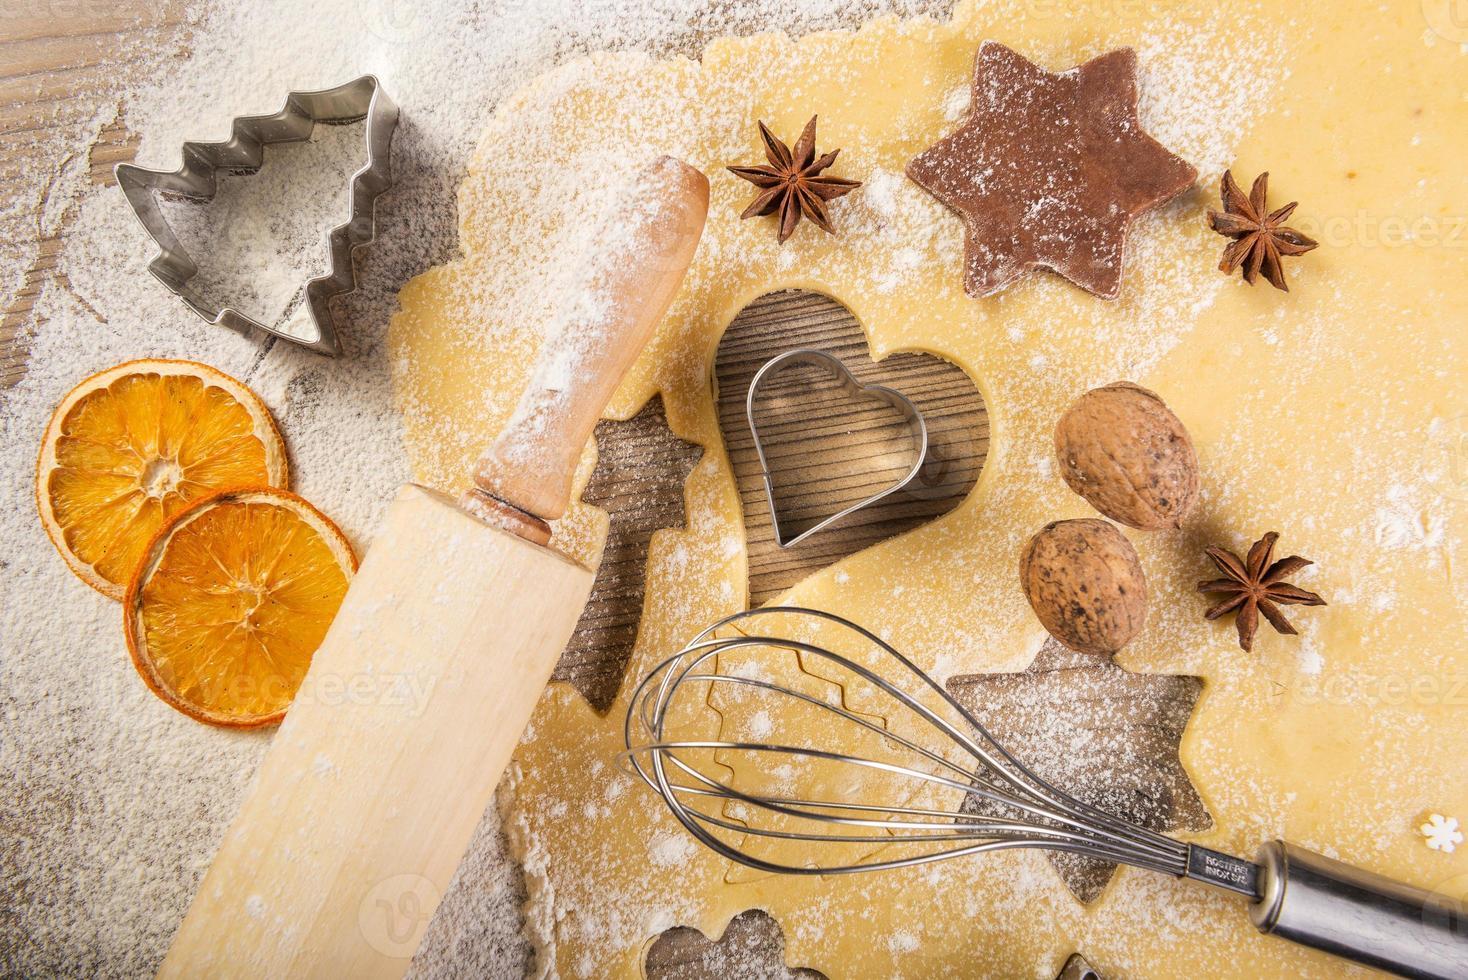 cuisson de Noël, biscuits, rouleau à pâtisserie, mélangeur, photo